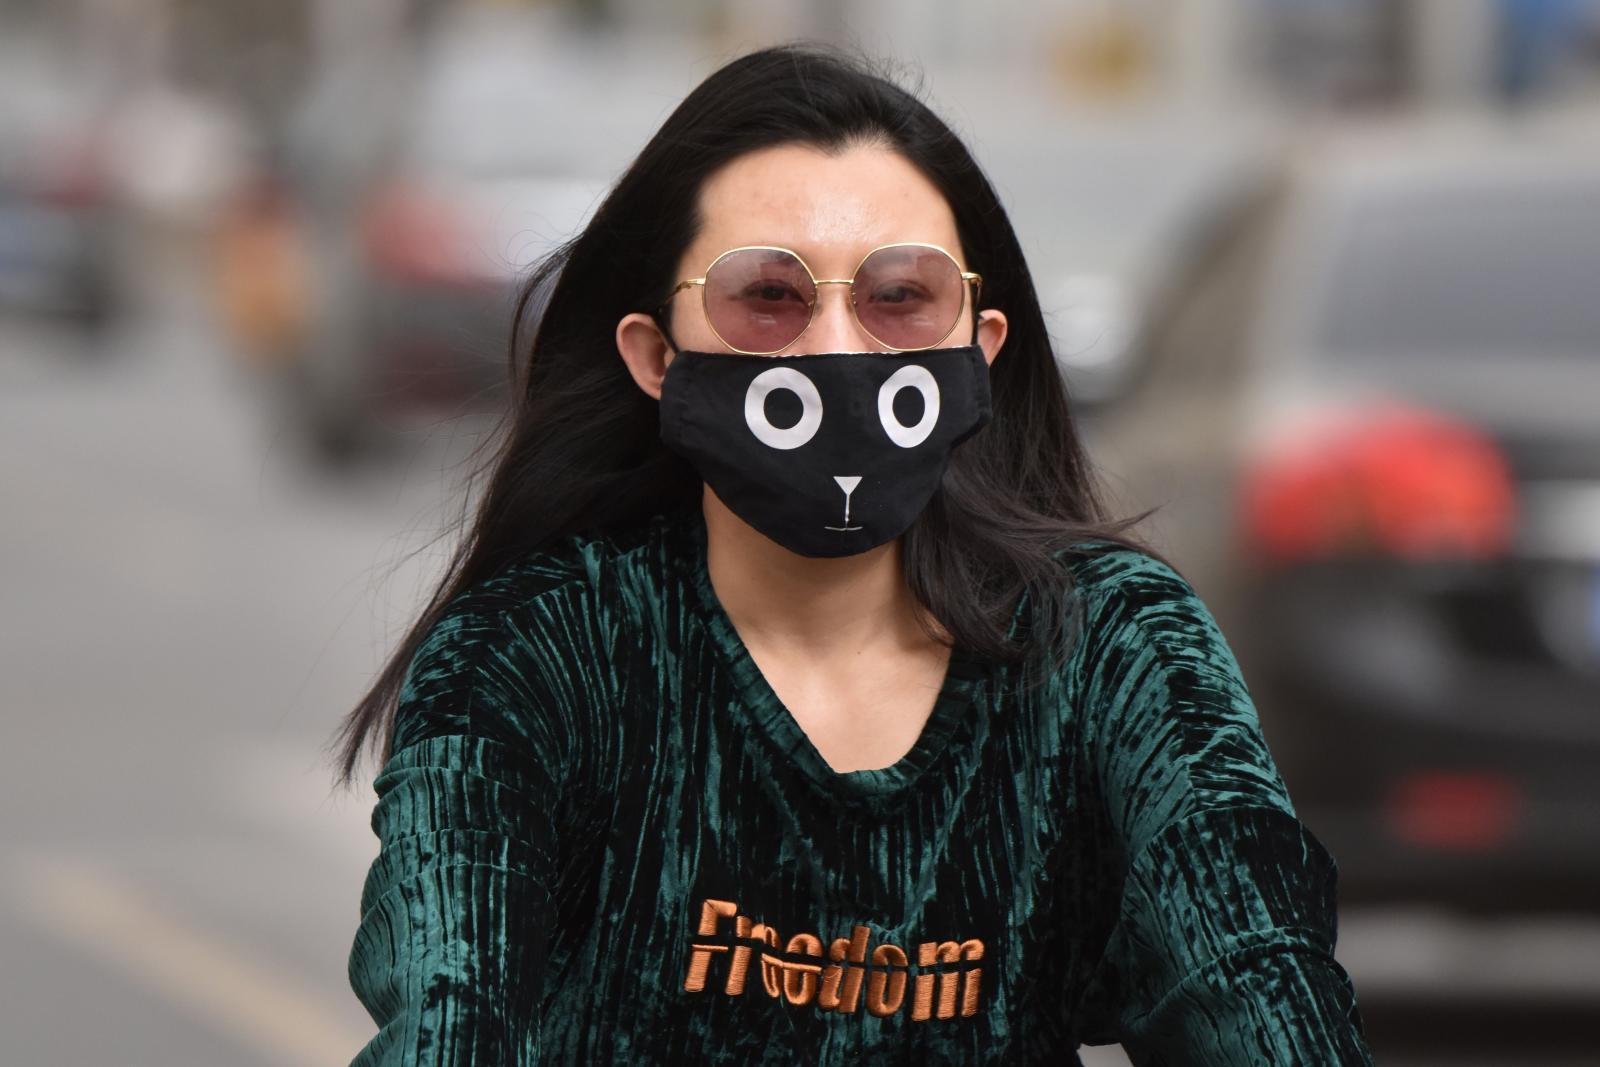 ตายปีละ 7 ล้านคน!! WHO เตือนประชากรโลก 9 ใน 10 คนสูดอากาศเสีย